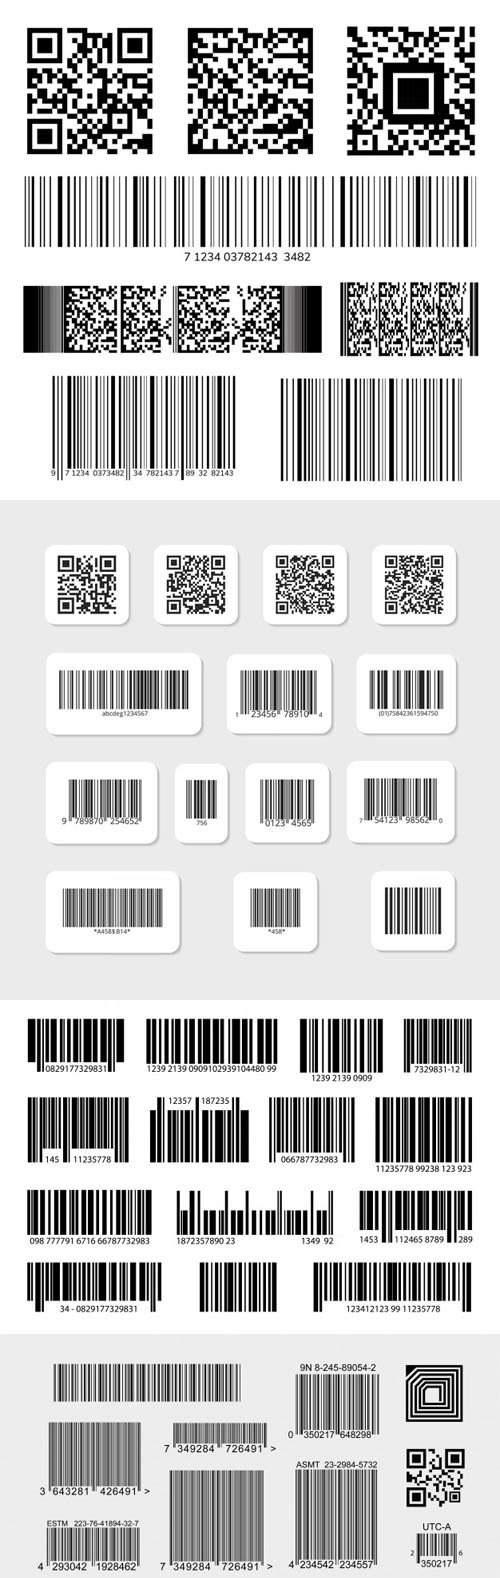 40+ Download Gratis Vector Barcode Digital dan Template Vektor Stiker